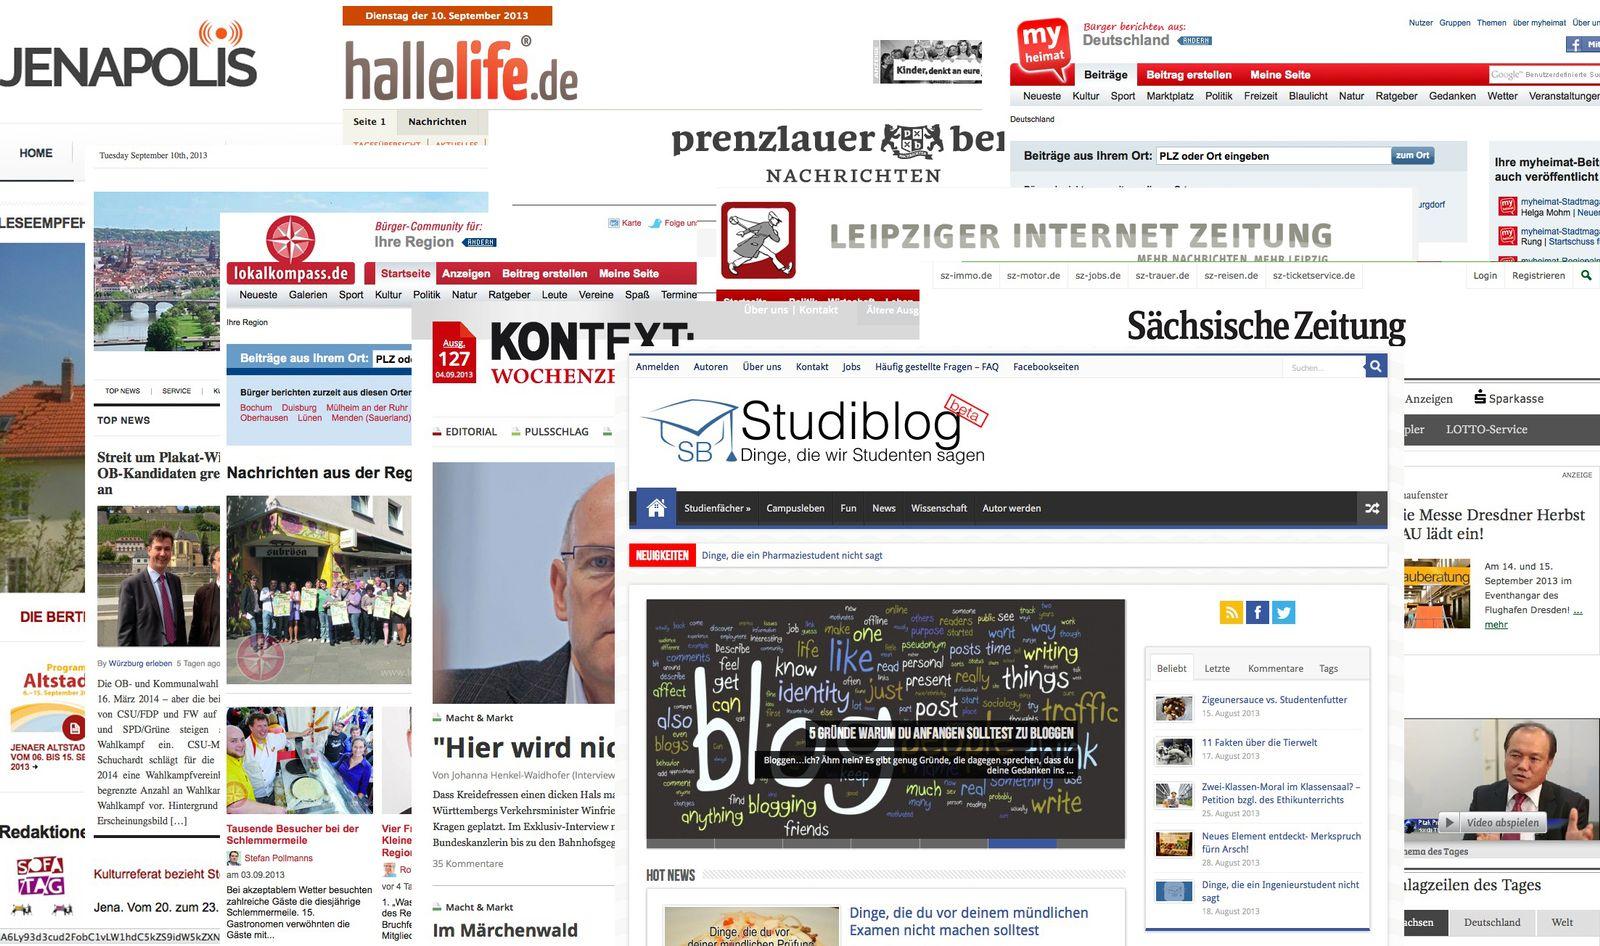 Zeitungsdebatte/ Lokal Online